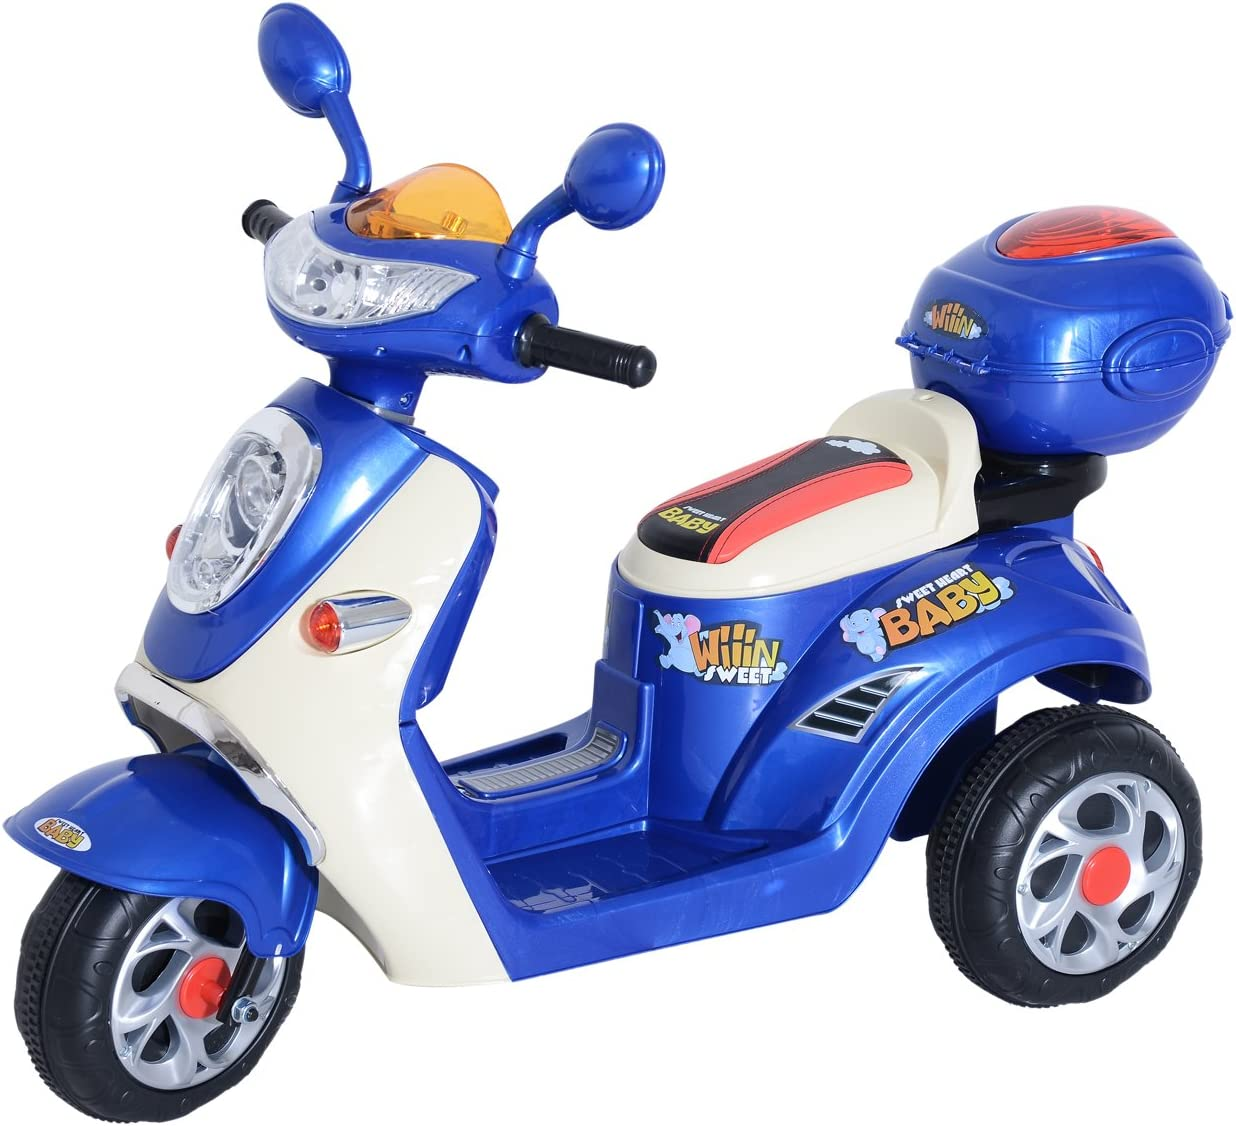 HOMCOM Coche Triciclo Moto Eléctrica Infantil Correpasillos a Batería Niños 3-8 años 6V Metal + PP 108x51x75cm Azul